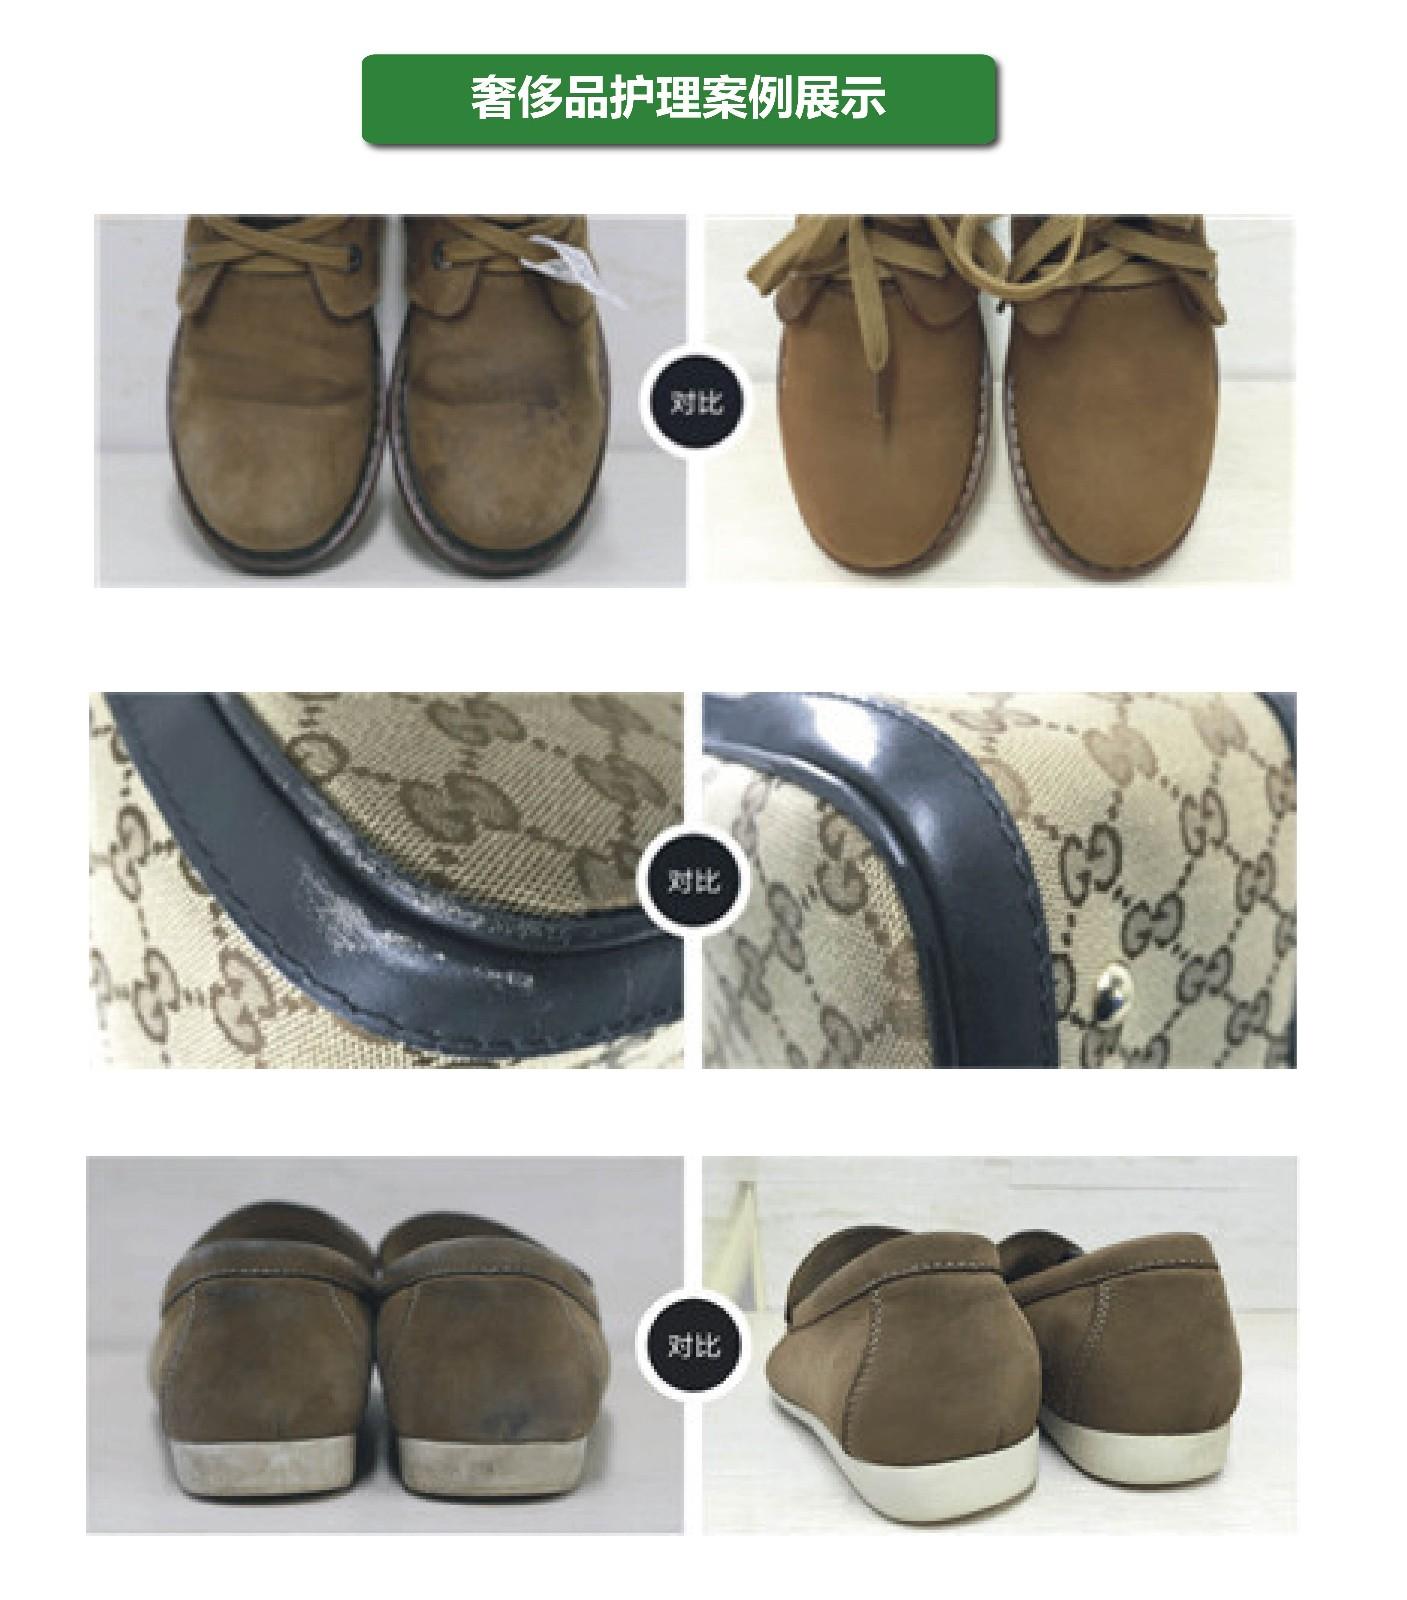 马丁靴品精工修护实拍案例(二)